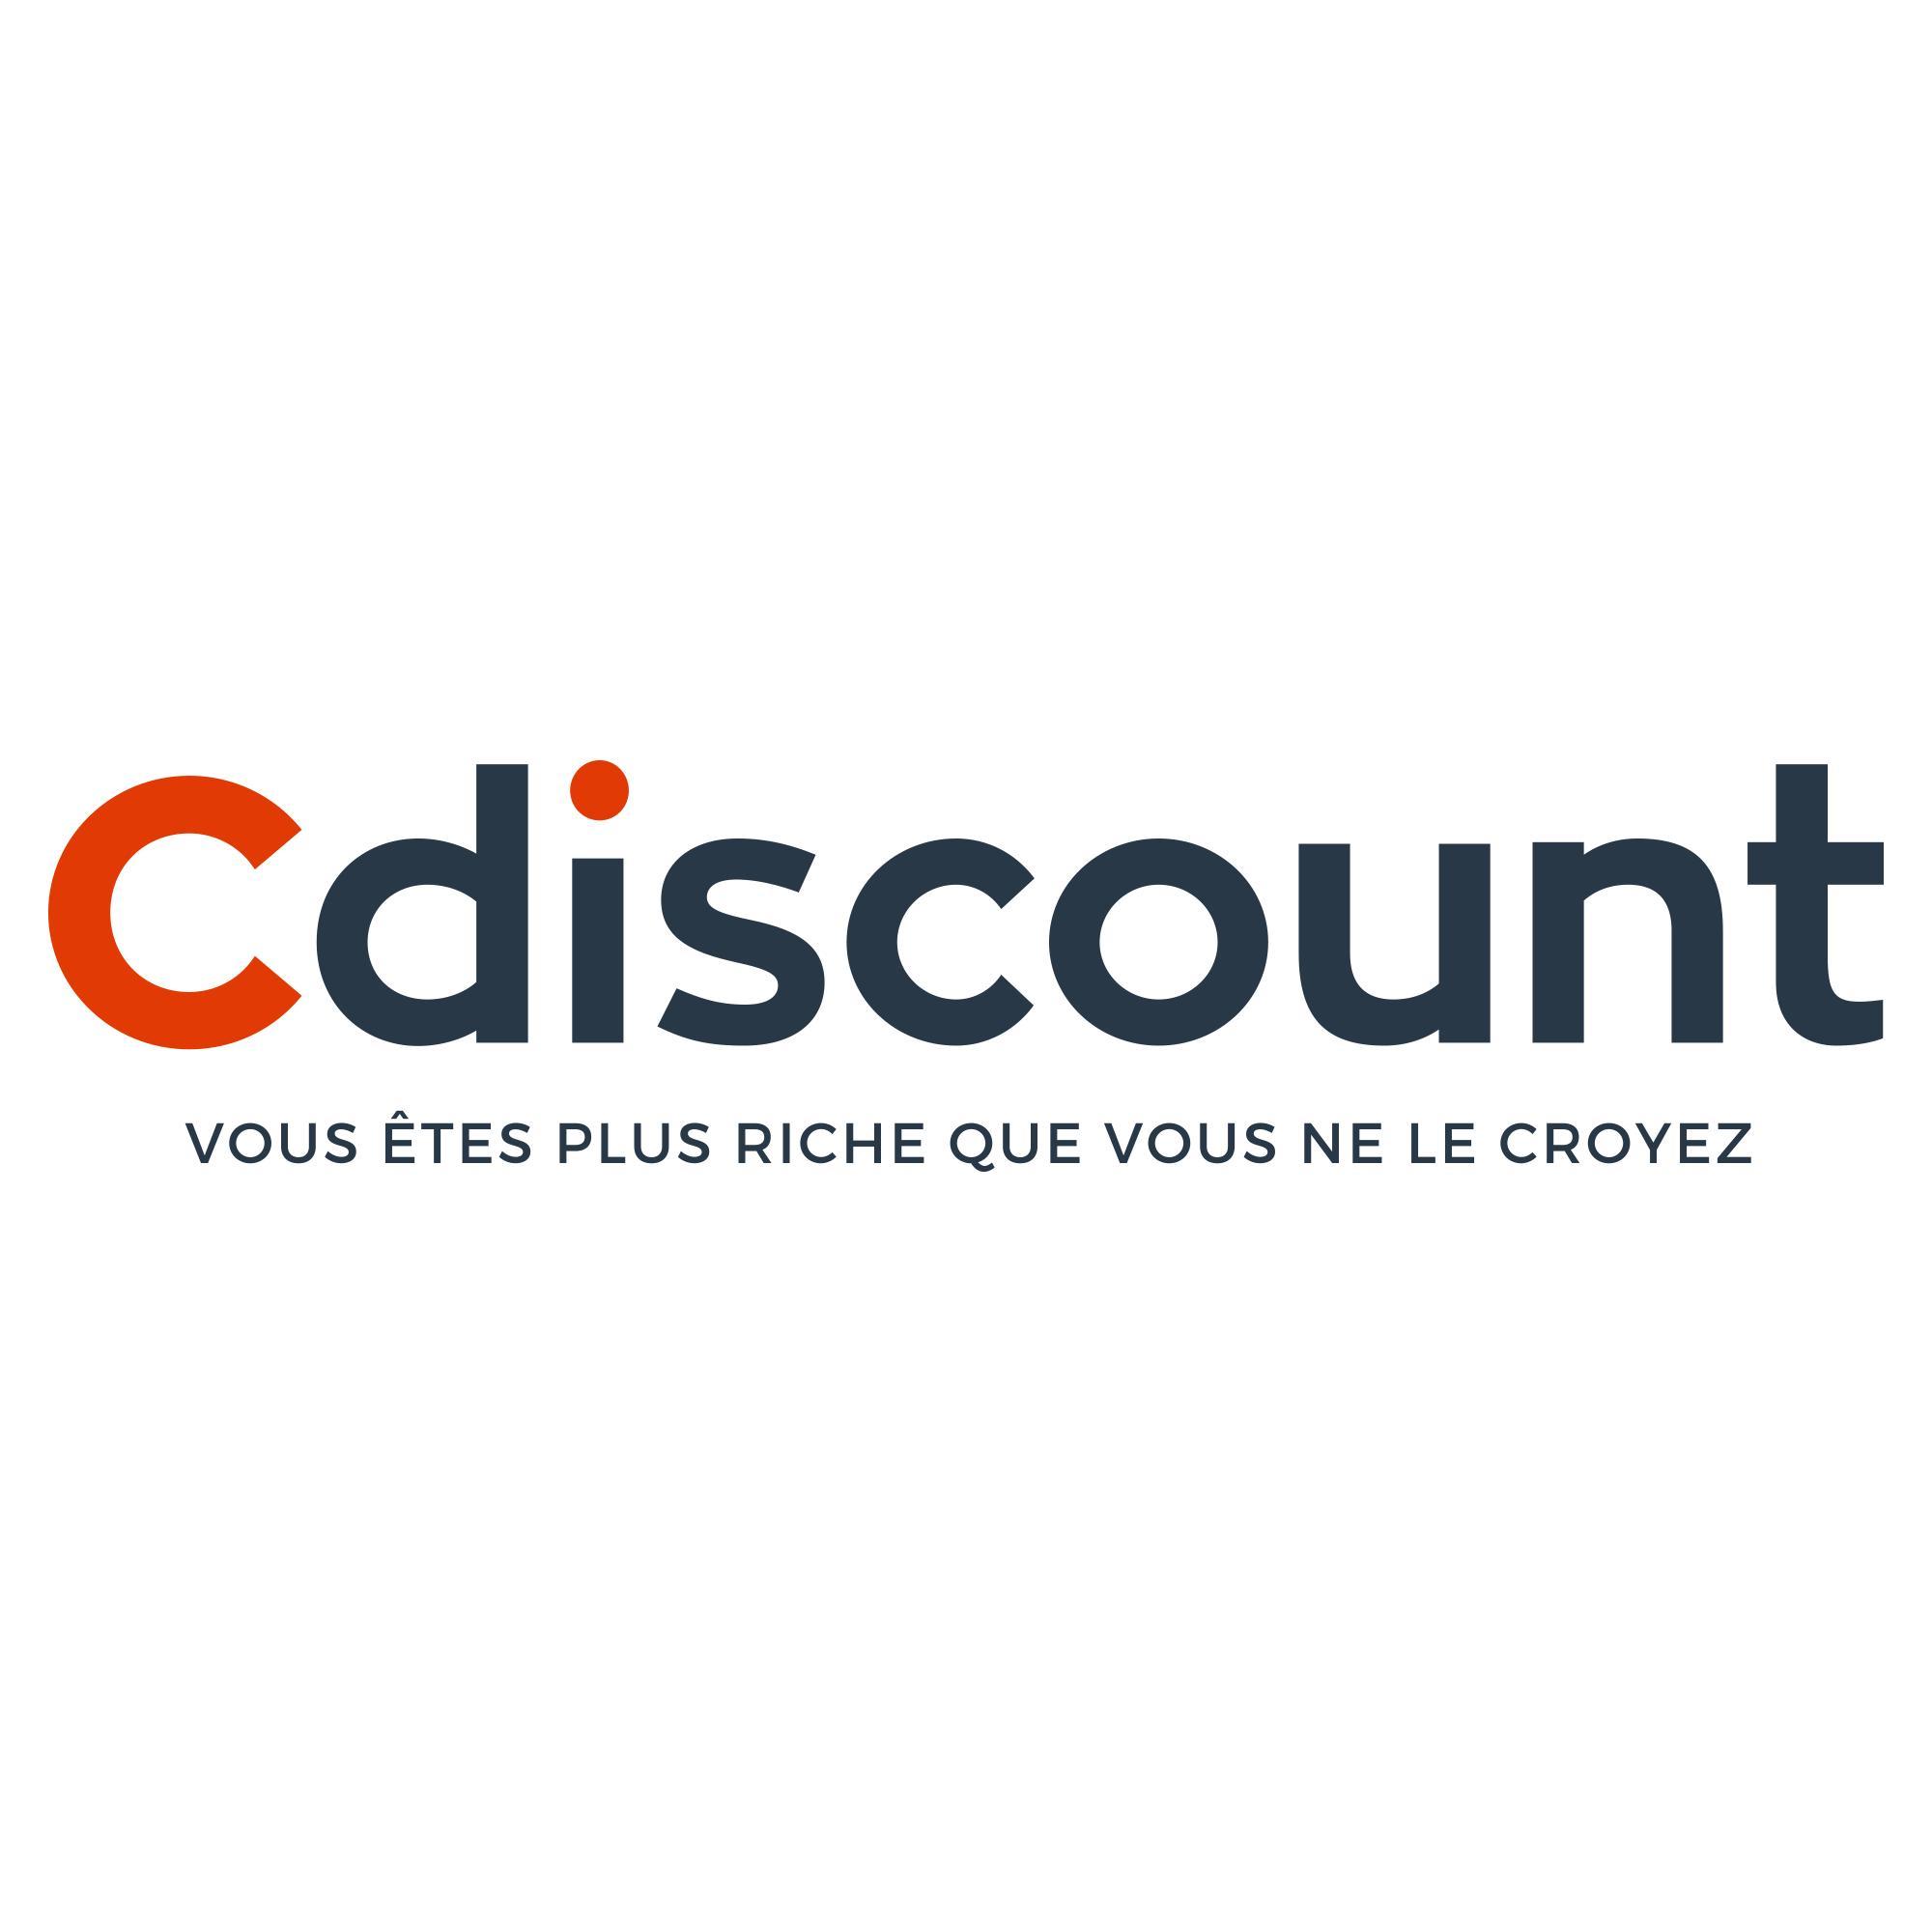 50€ de réduction dès 399€ d'achat, 25€ dès 249€ d'achat et 10€ dès 99€ d'achat sur tout le site (Marketplace inclus)